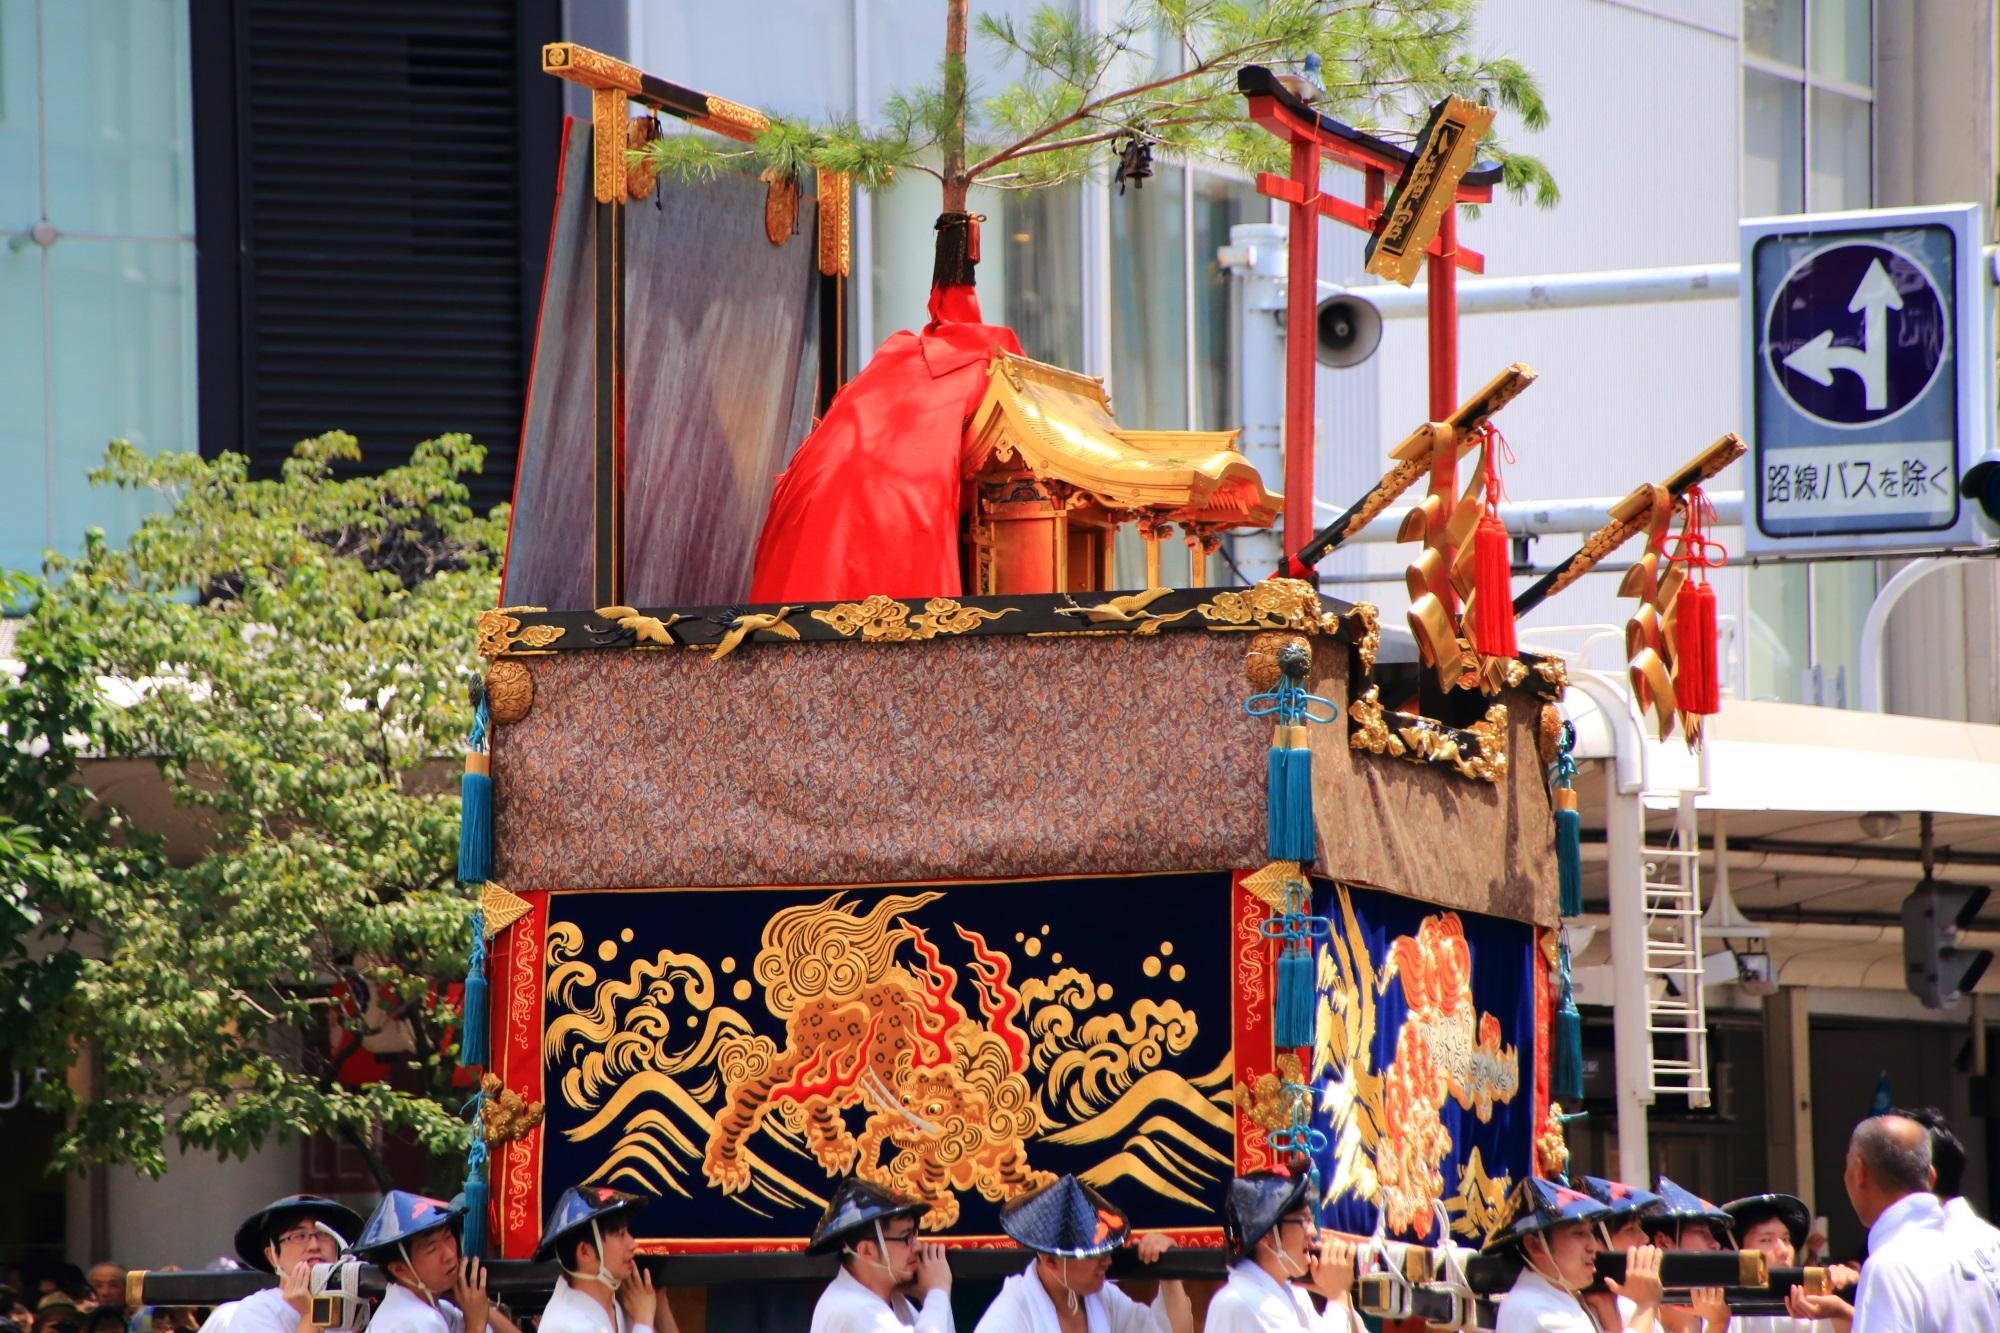 祇園祭後祭の山鉾巡行の八幡山(はちまんやま)